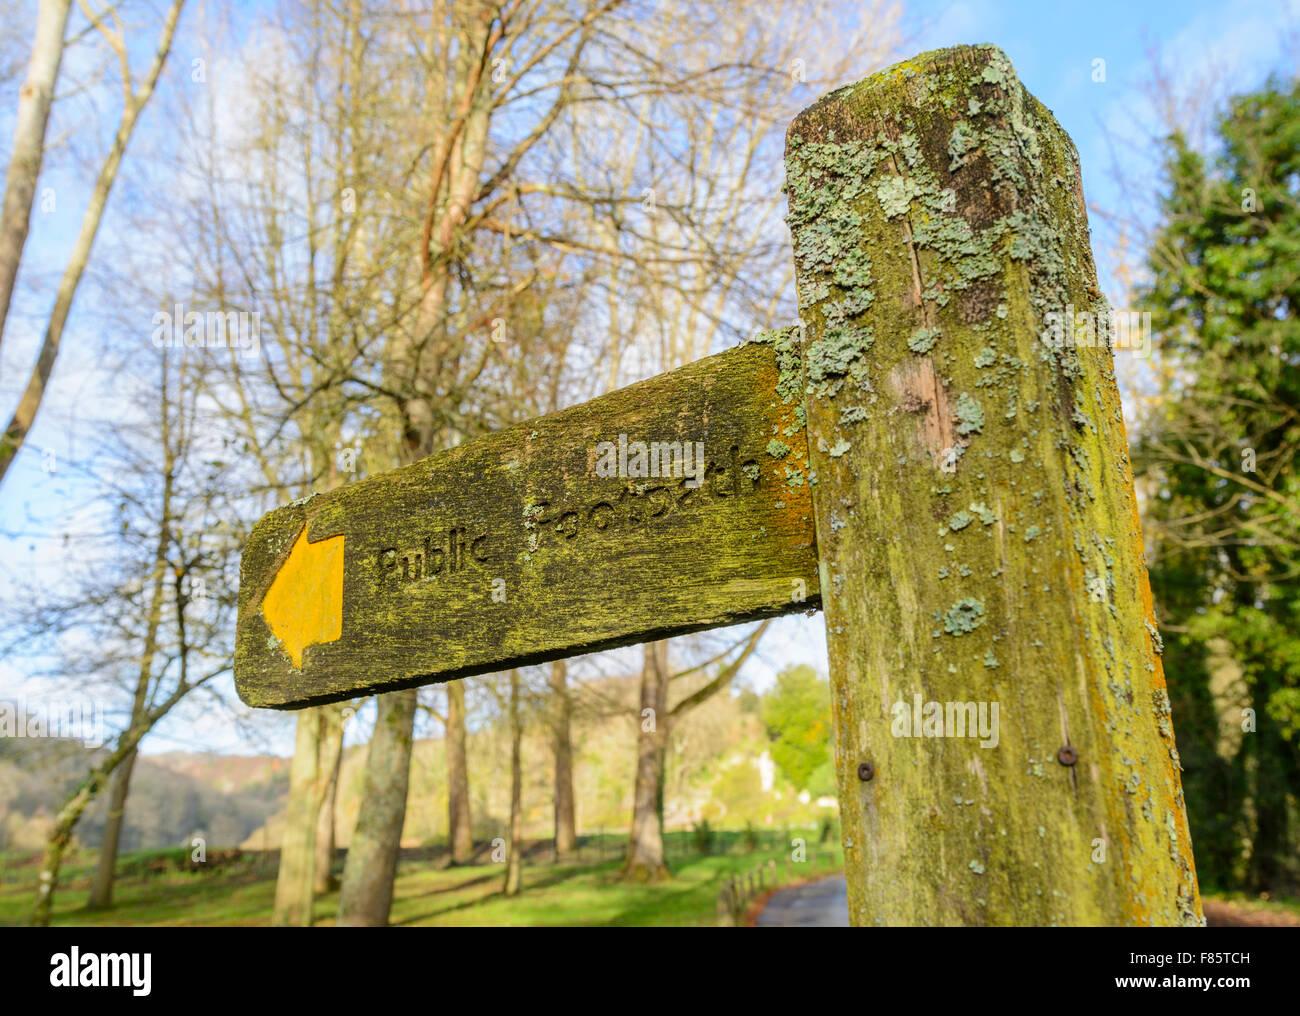 Öffentlichen Fußweg finger Post im Winter in Großbritannien. Stockbild